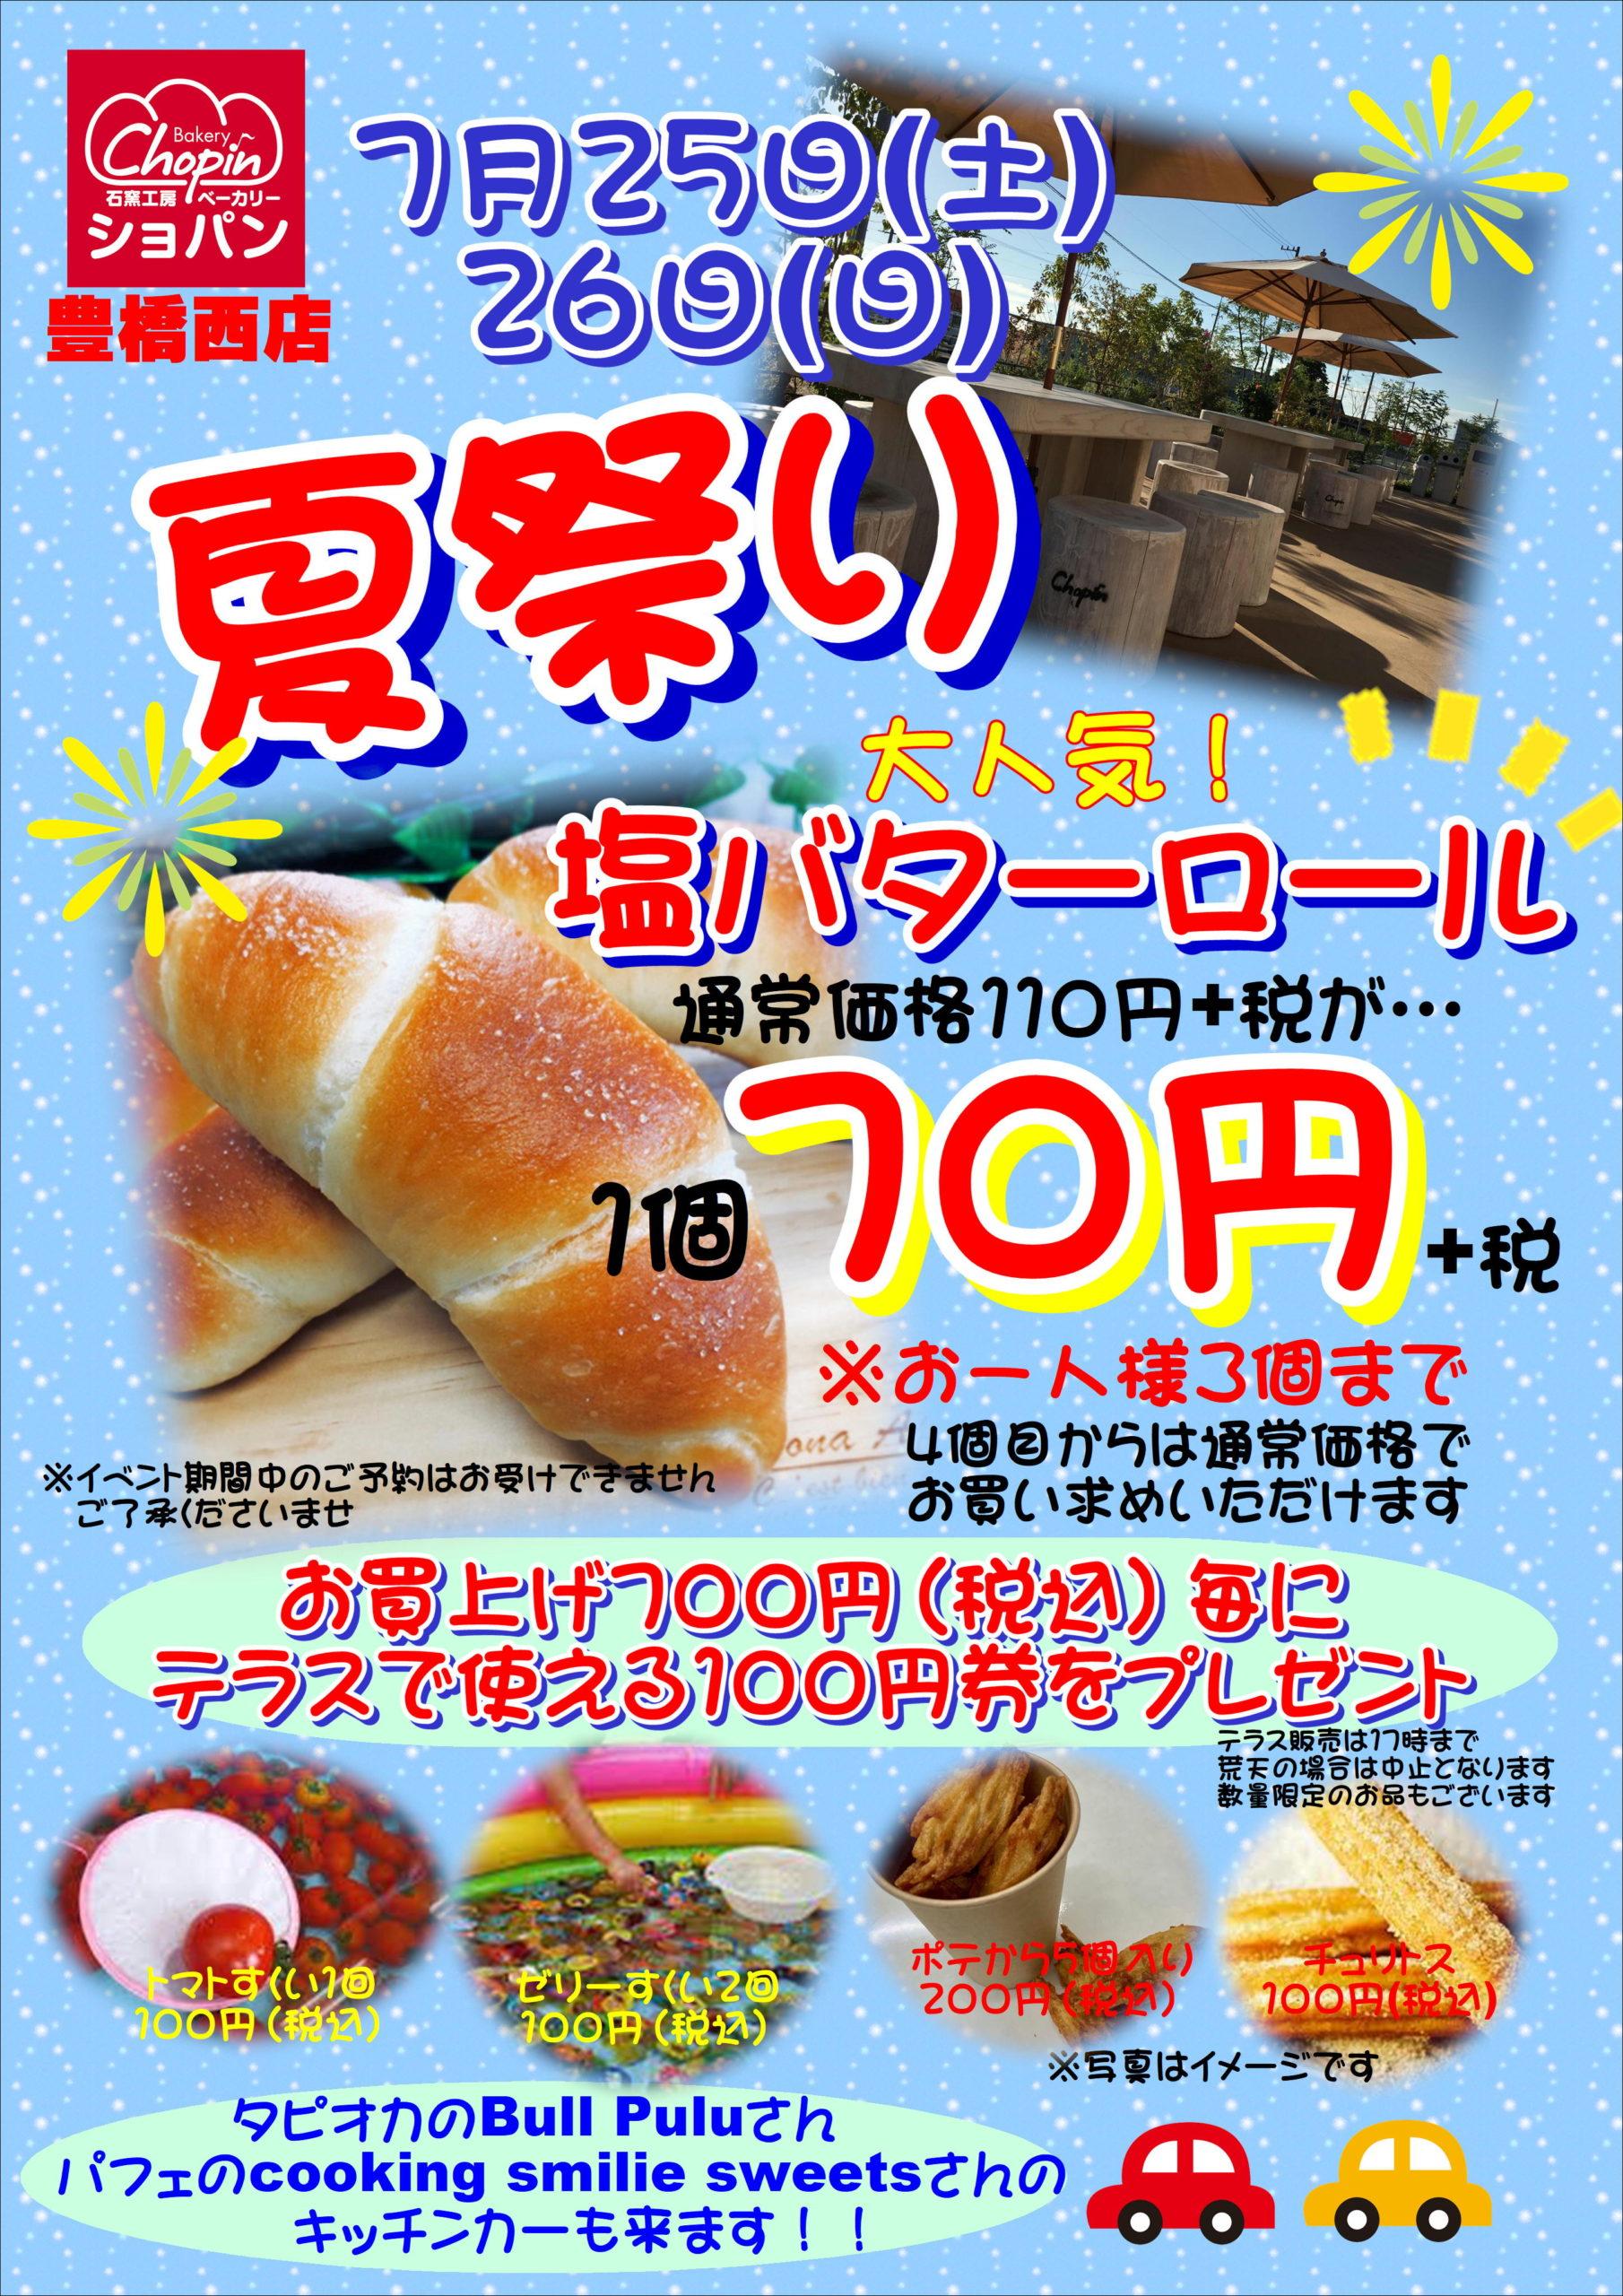 豊橋西店の夏祭り🎐